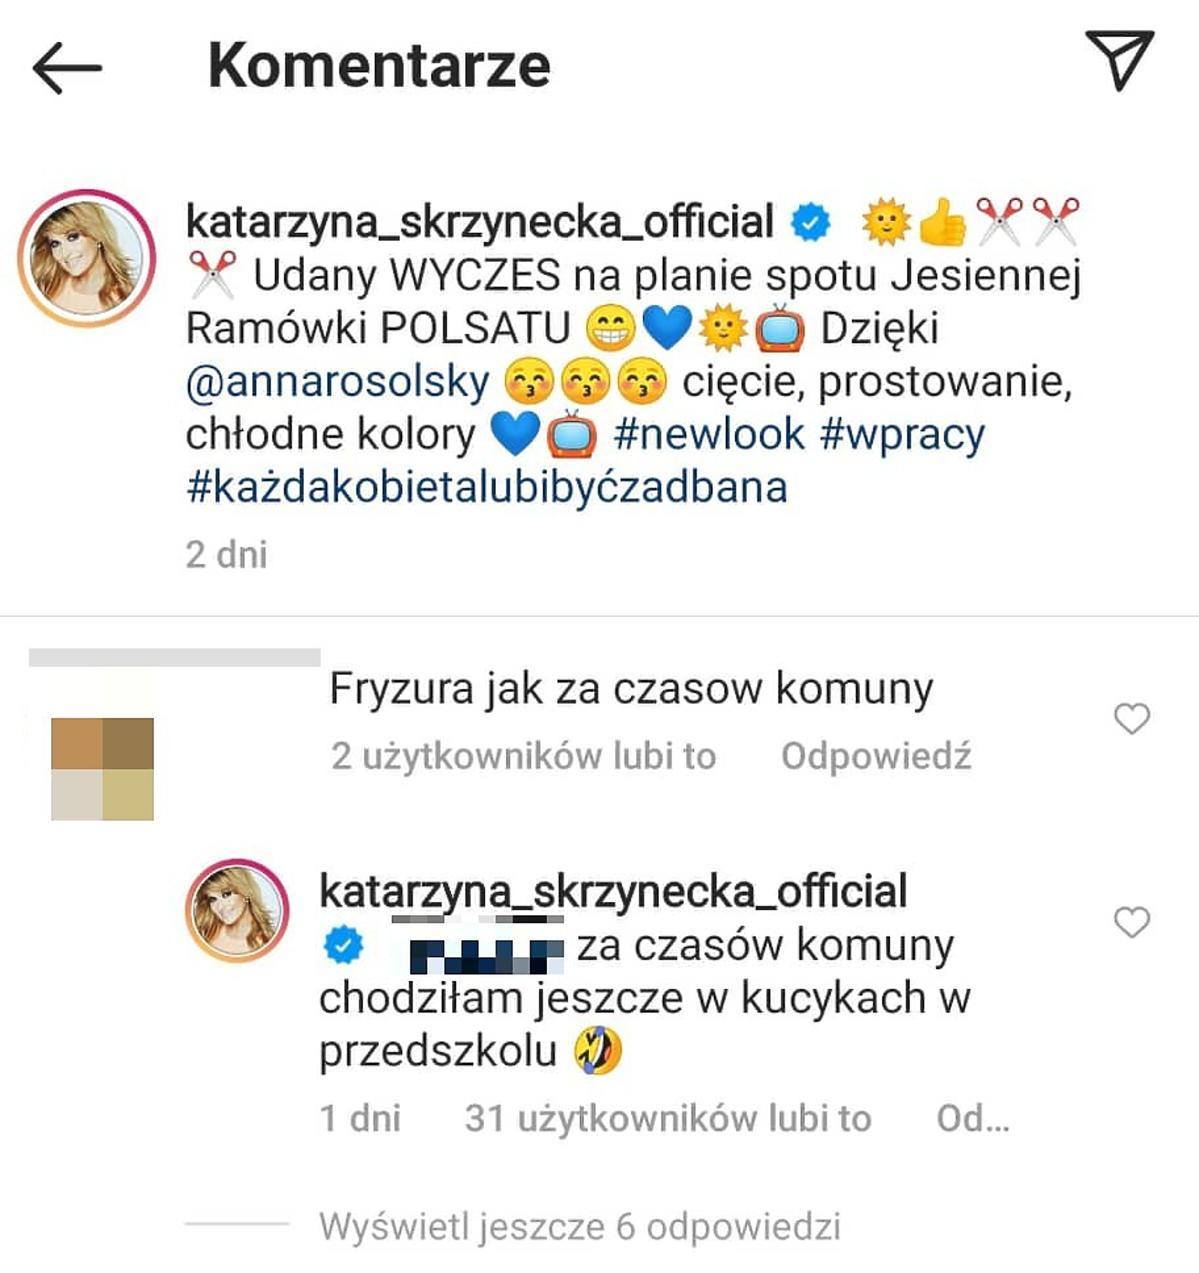 Katarzyna Skrzynecka odpowiada fance